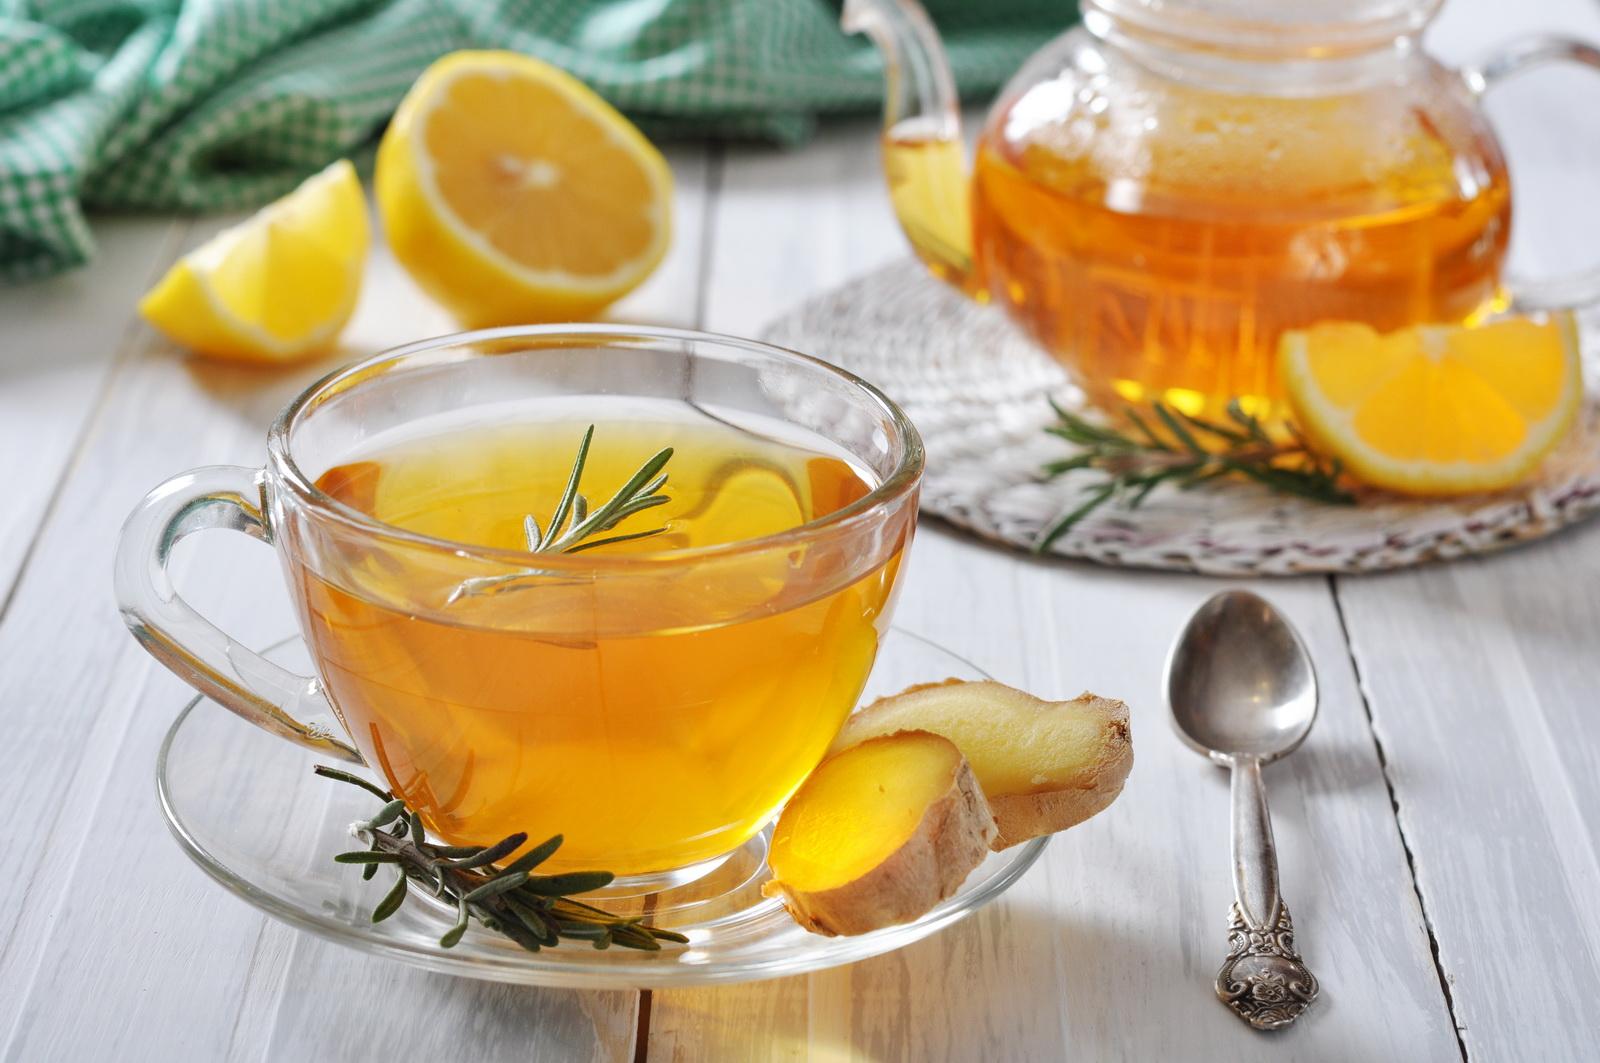 Чай с имбирем – лучшее лекарство от простуды